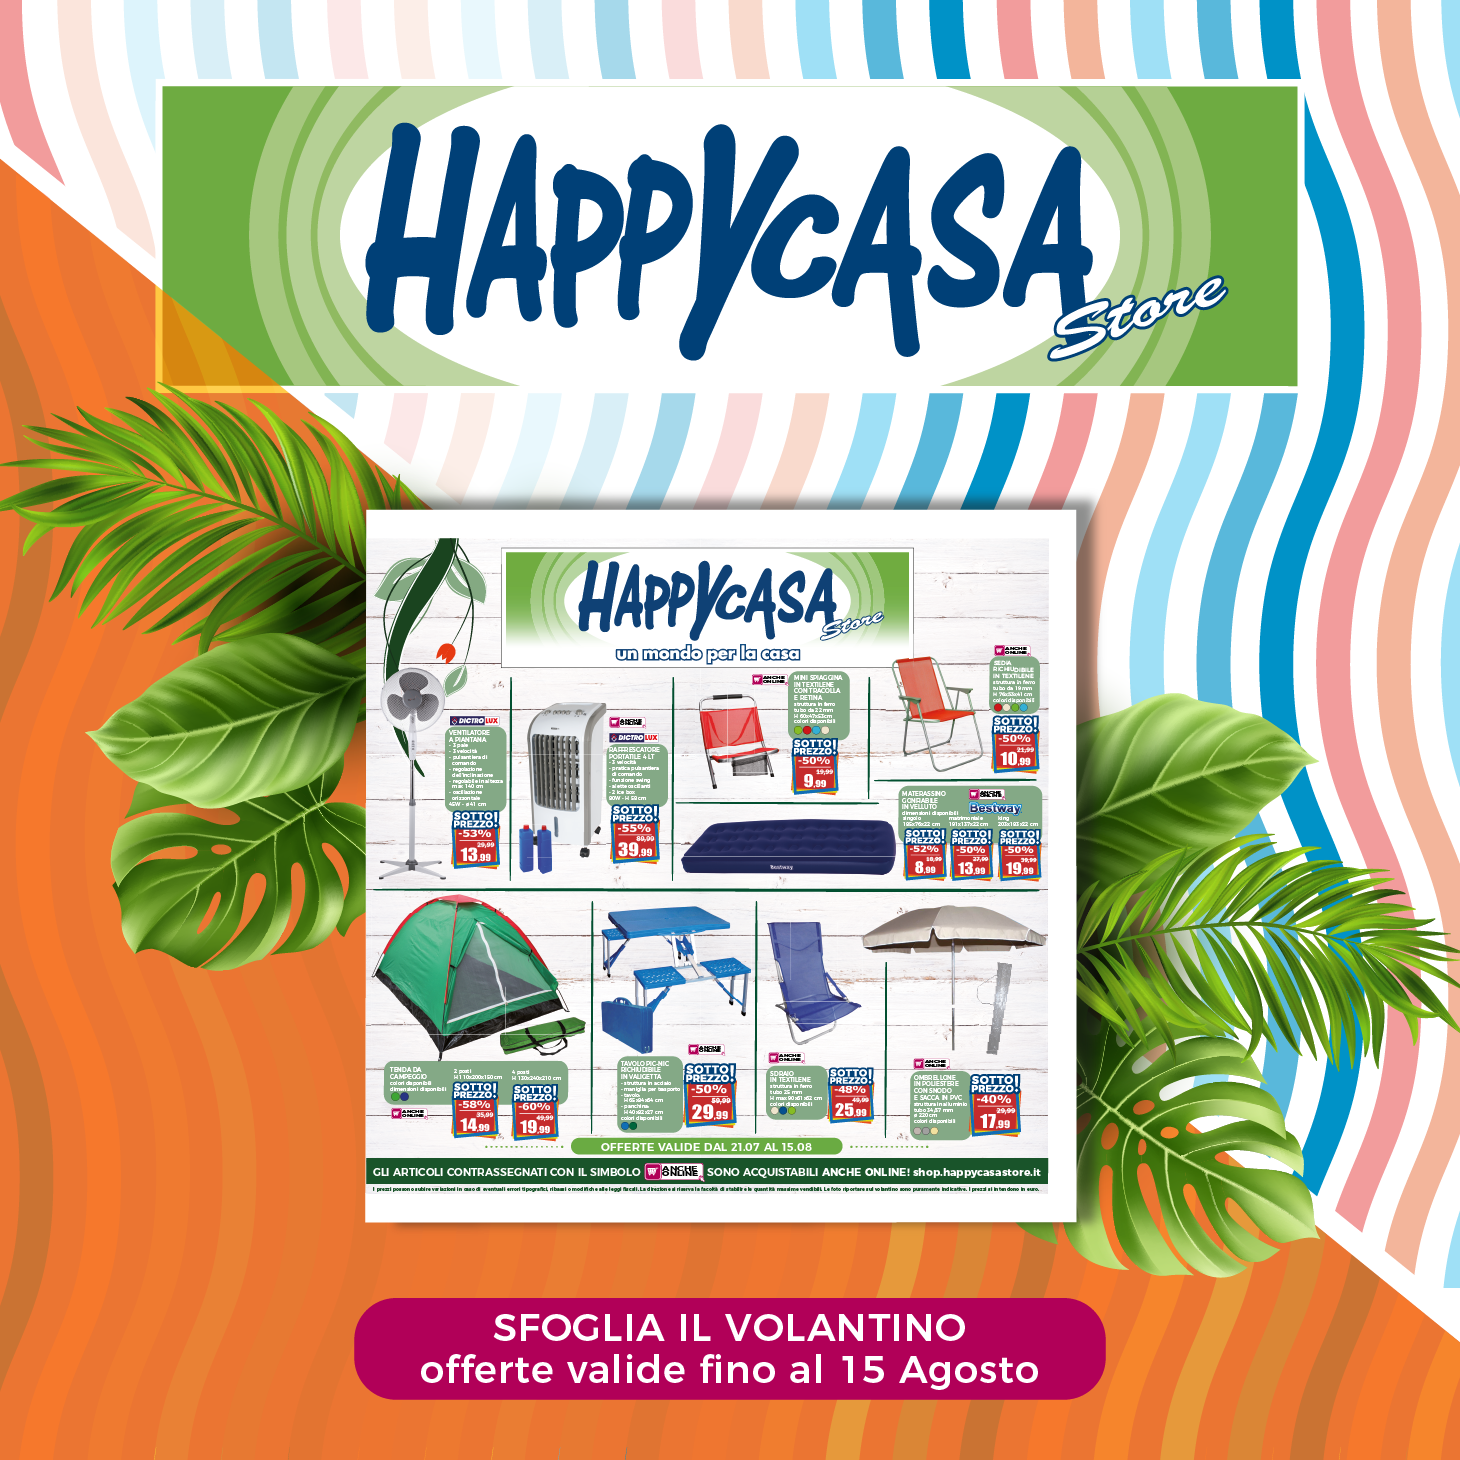 Happy Casa Store: Volantino agosto 2021